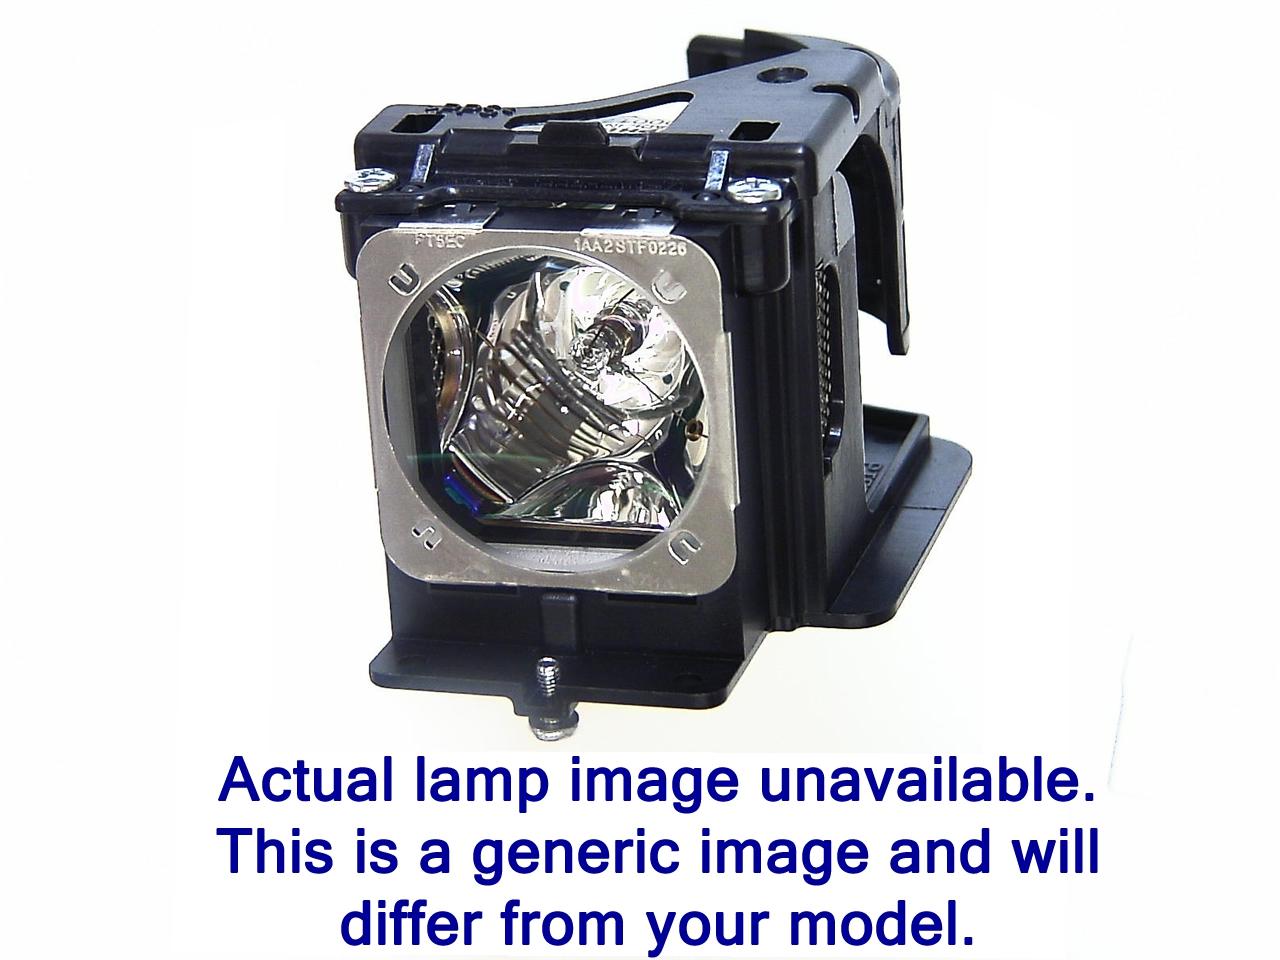 REPLACEMENT BULB FOR ASK PROXIMA PRO AV 9310 LAMP PRO AV 9310-IE LAMP